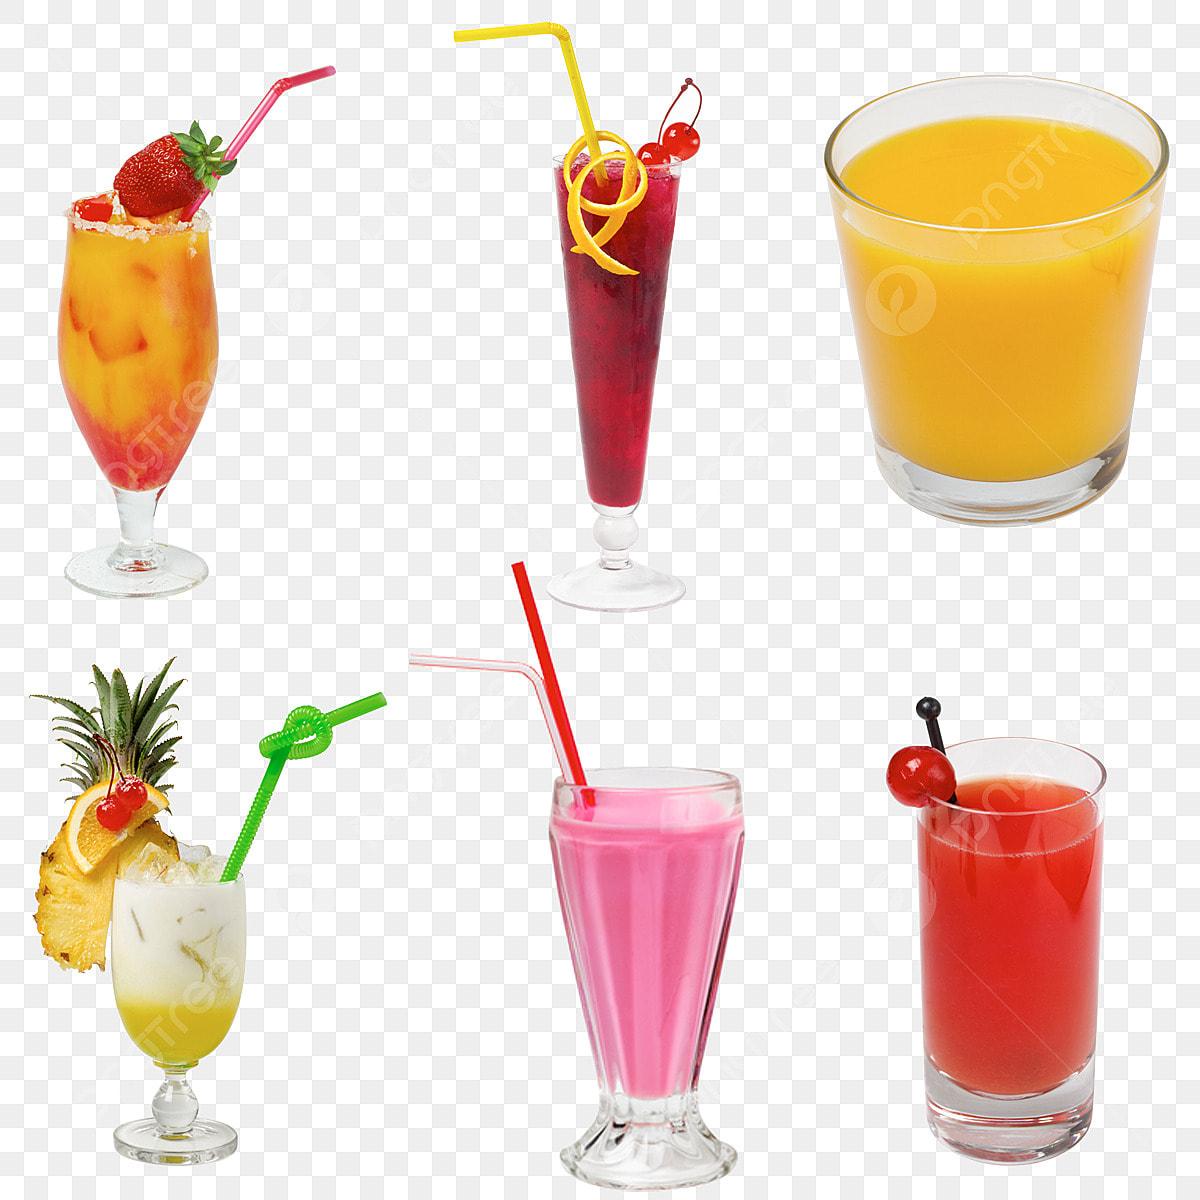 gambar jus buah buahan jus buah buahan jus cherry jus nanas png dan psd untuk muat turun percuma https ms pngtree com freepng fruit juices 4016979 html